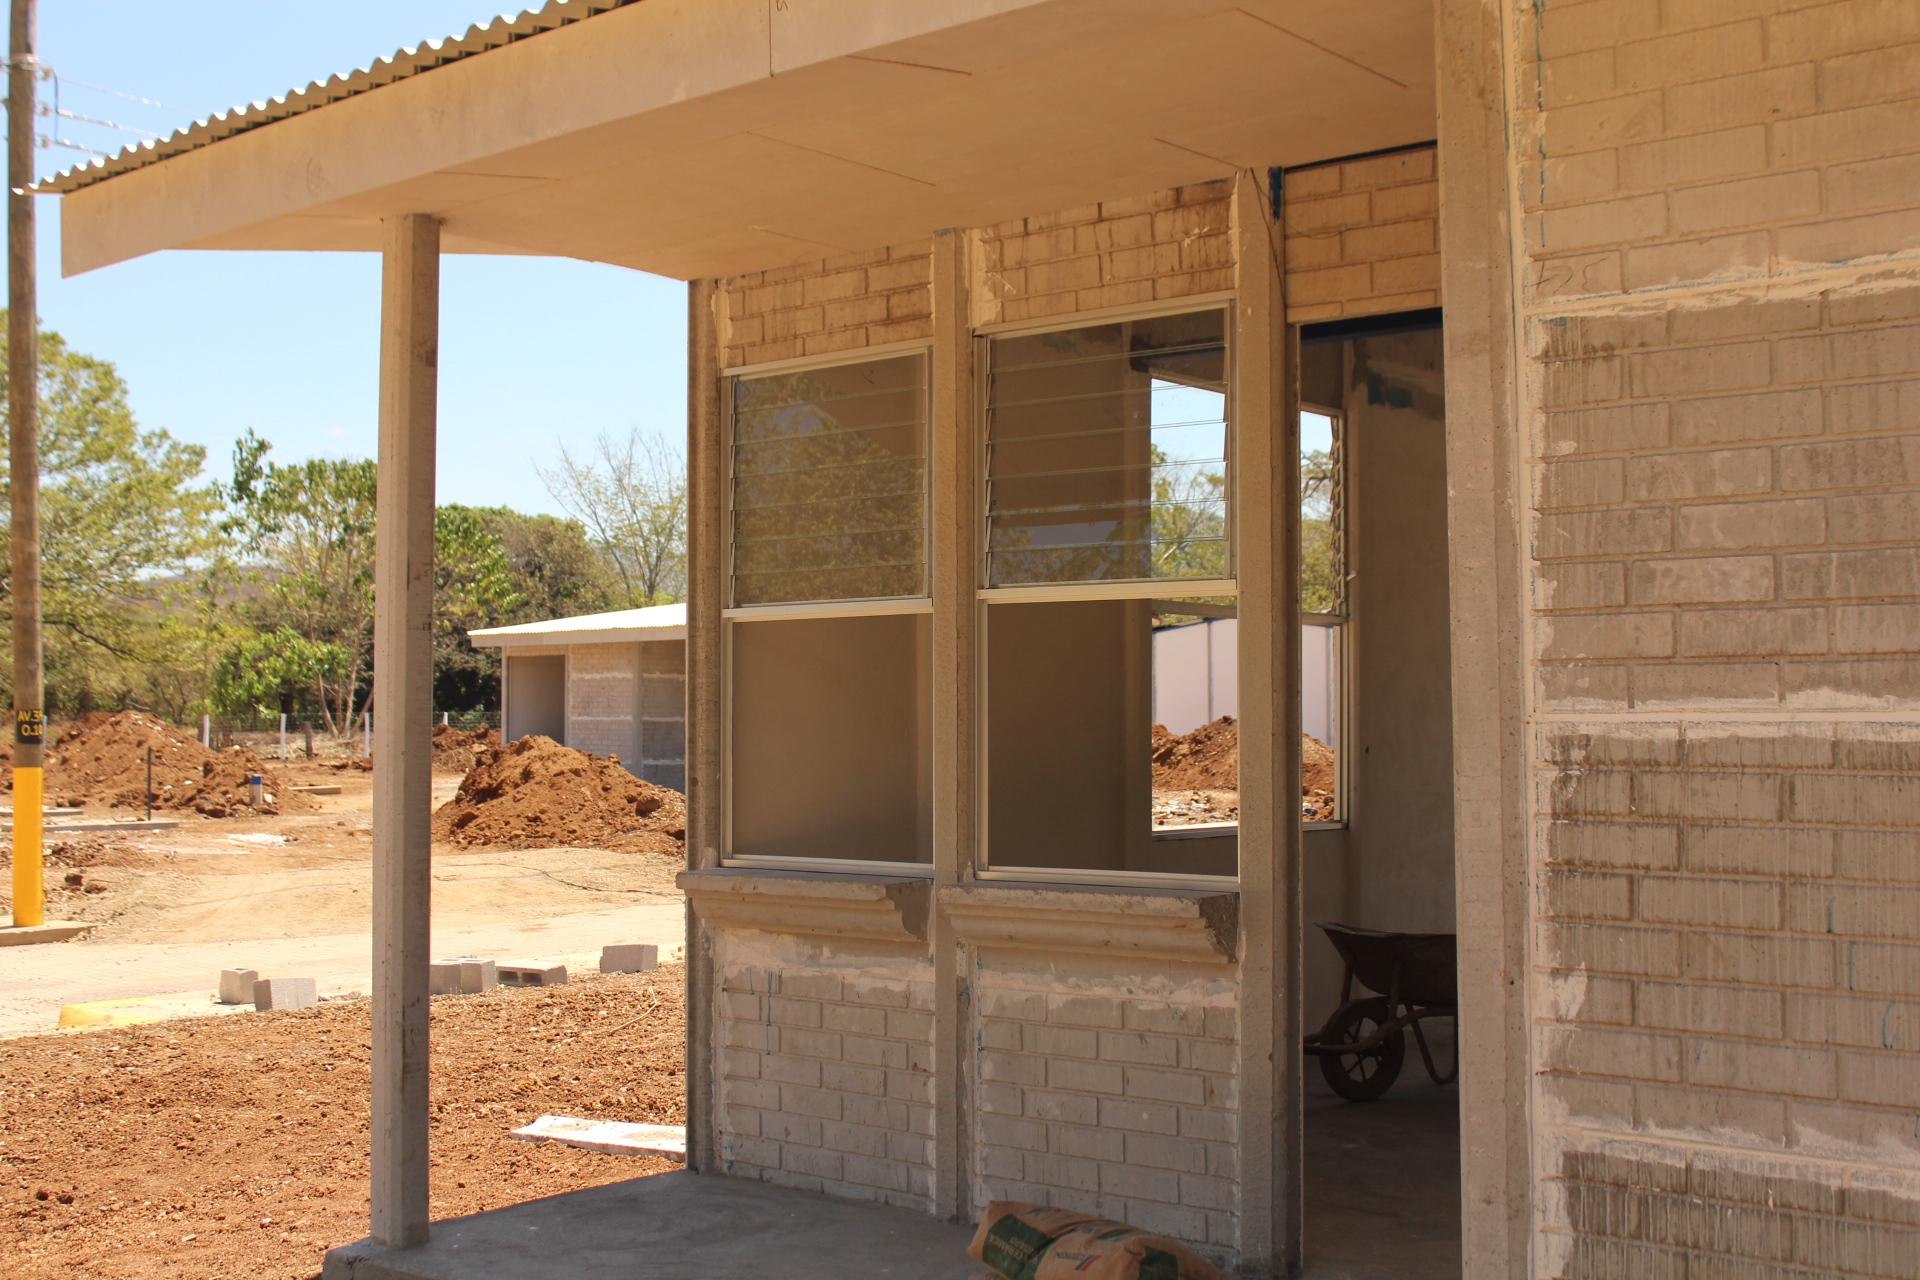 Venta Casas Prefabricadas Baratas En Costa Rica I Cheves